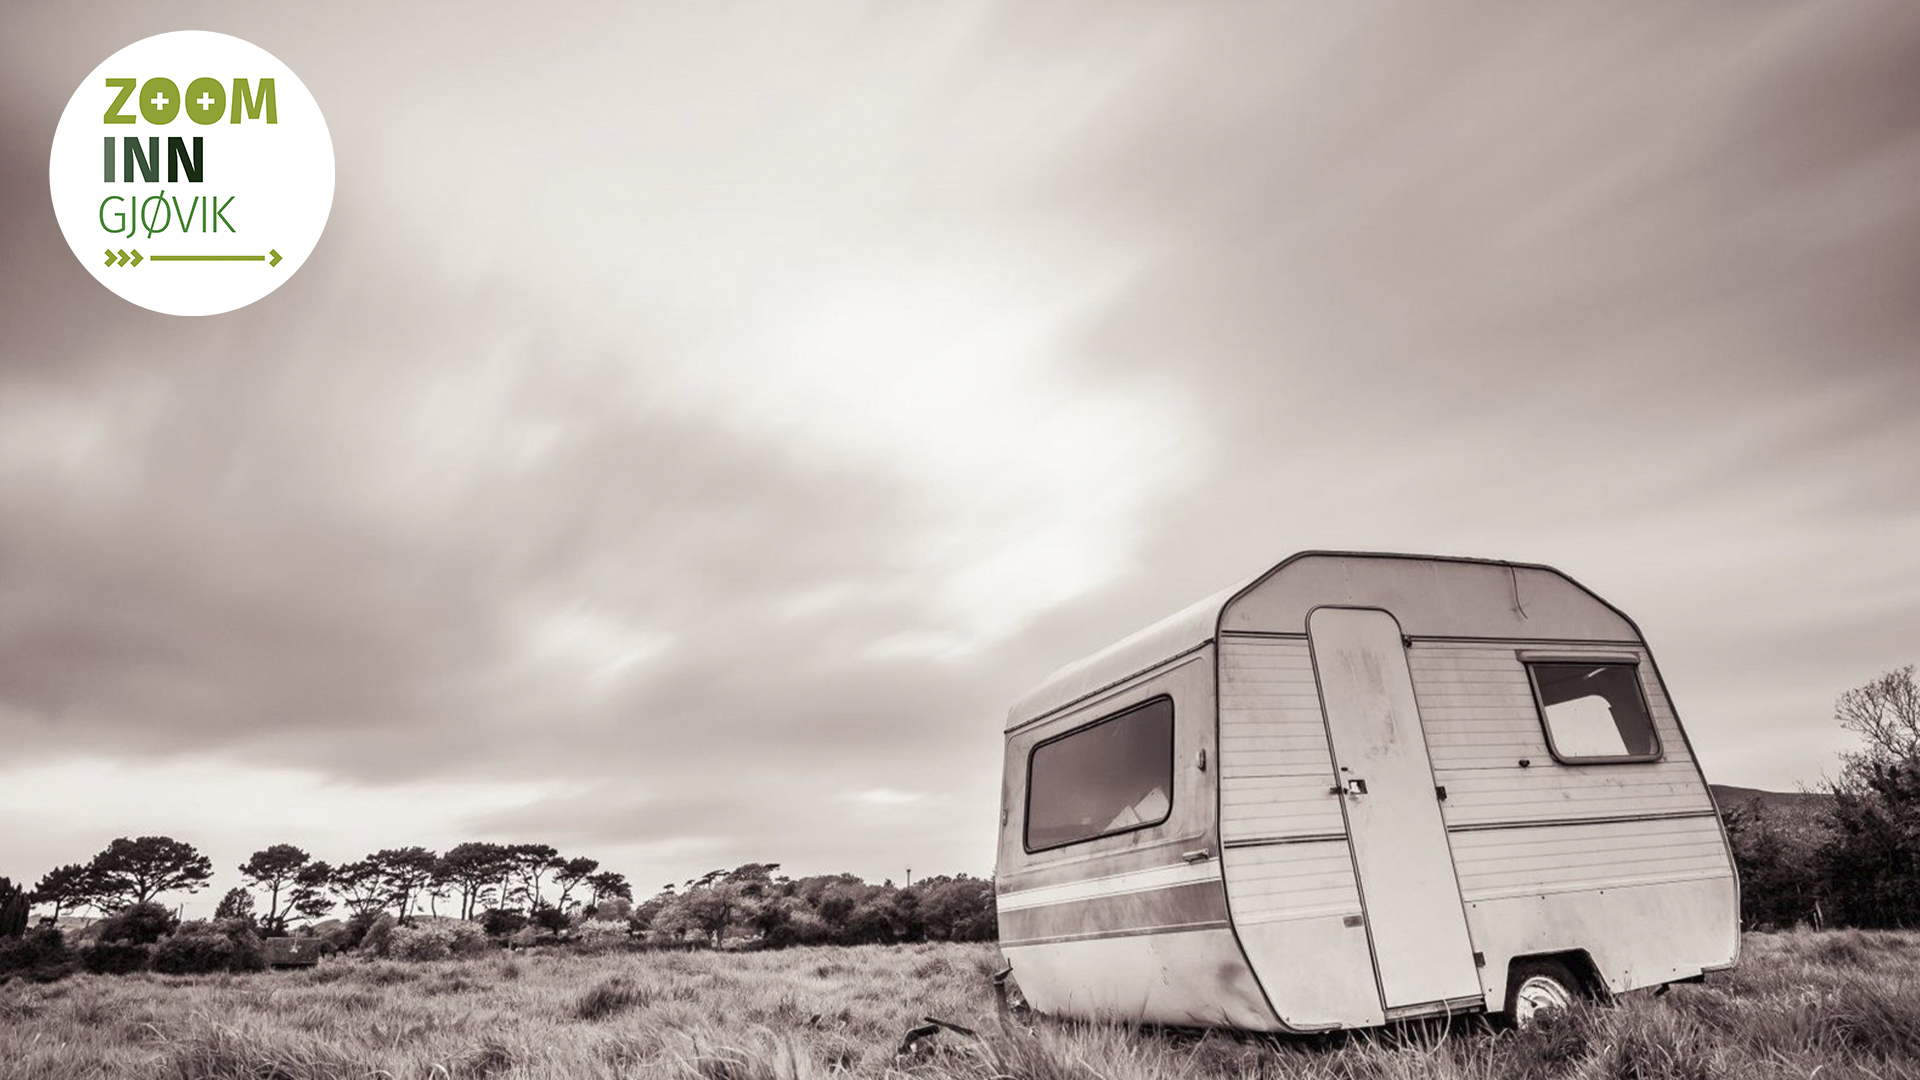 Svart-hvitt bilde av øde campingvogn